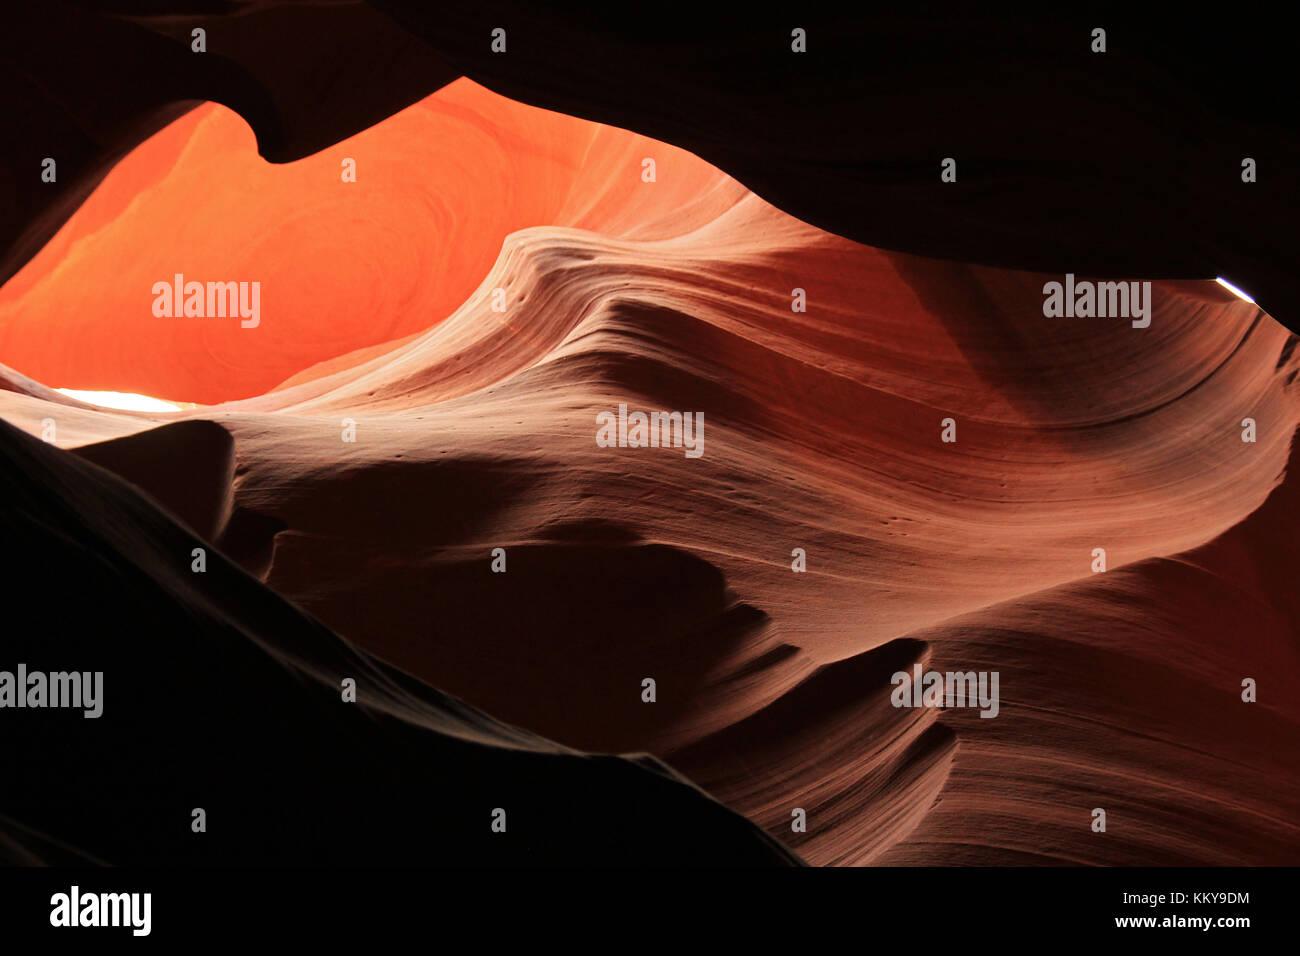 Upper Antelope Canyon, Page, Arizona, United States - Stock Image